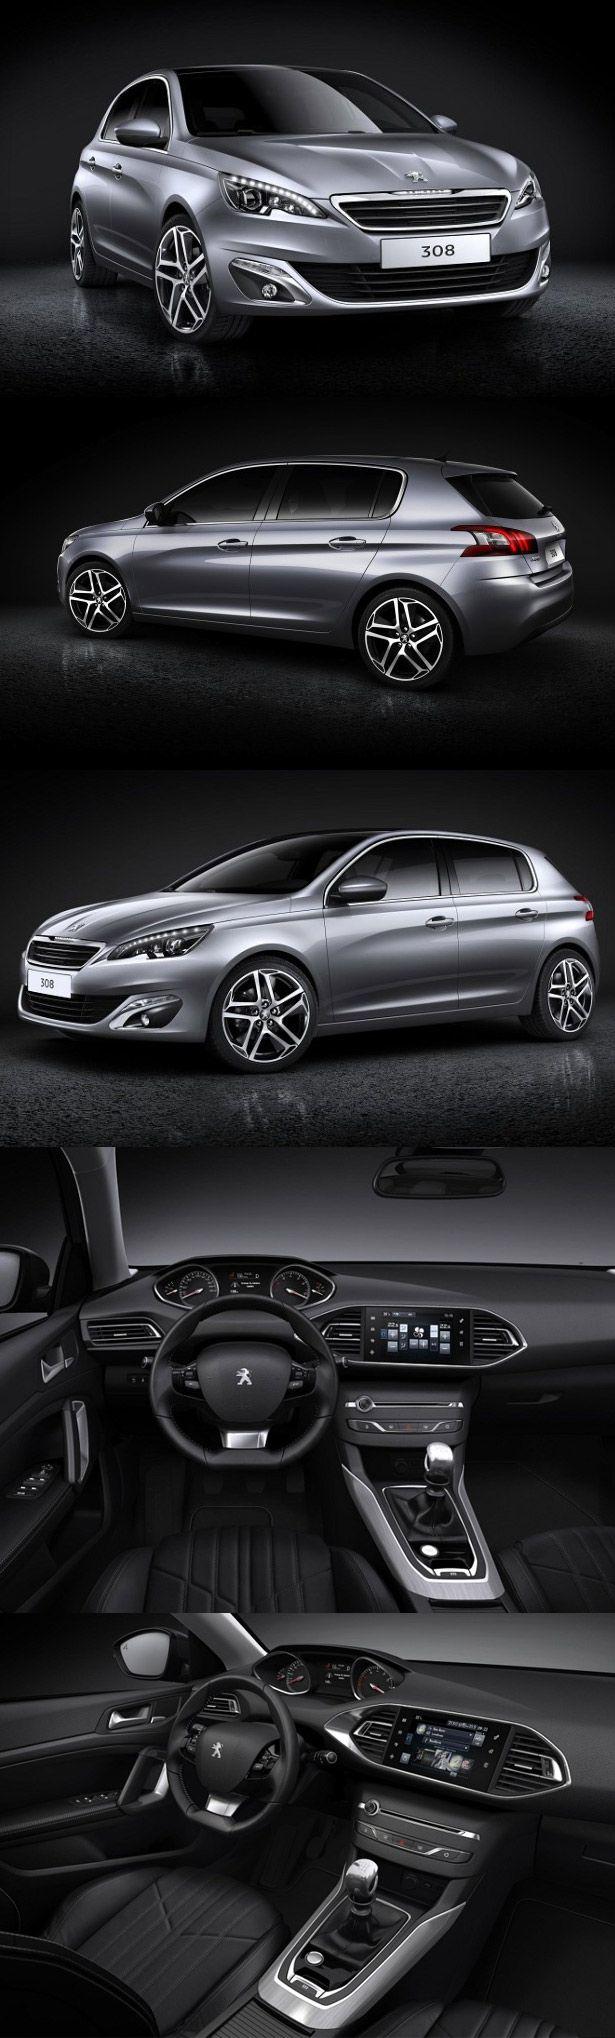 Protégez l'extérieur et l'intérieur de votre Peugeot 308 avec les produits automotoboutic.com Un large choix : tapis sur mesure, housse de carrosserie, housses de sièges etc...